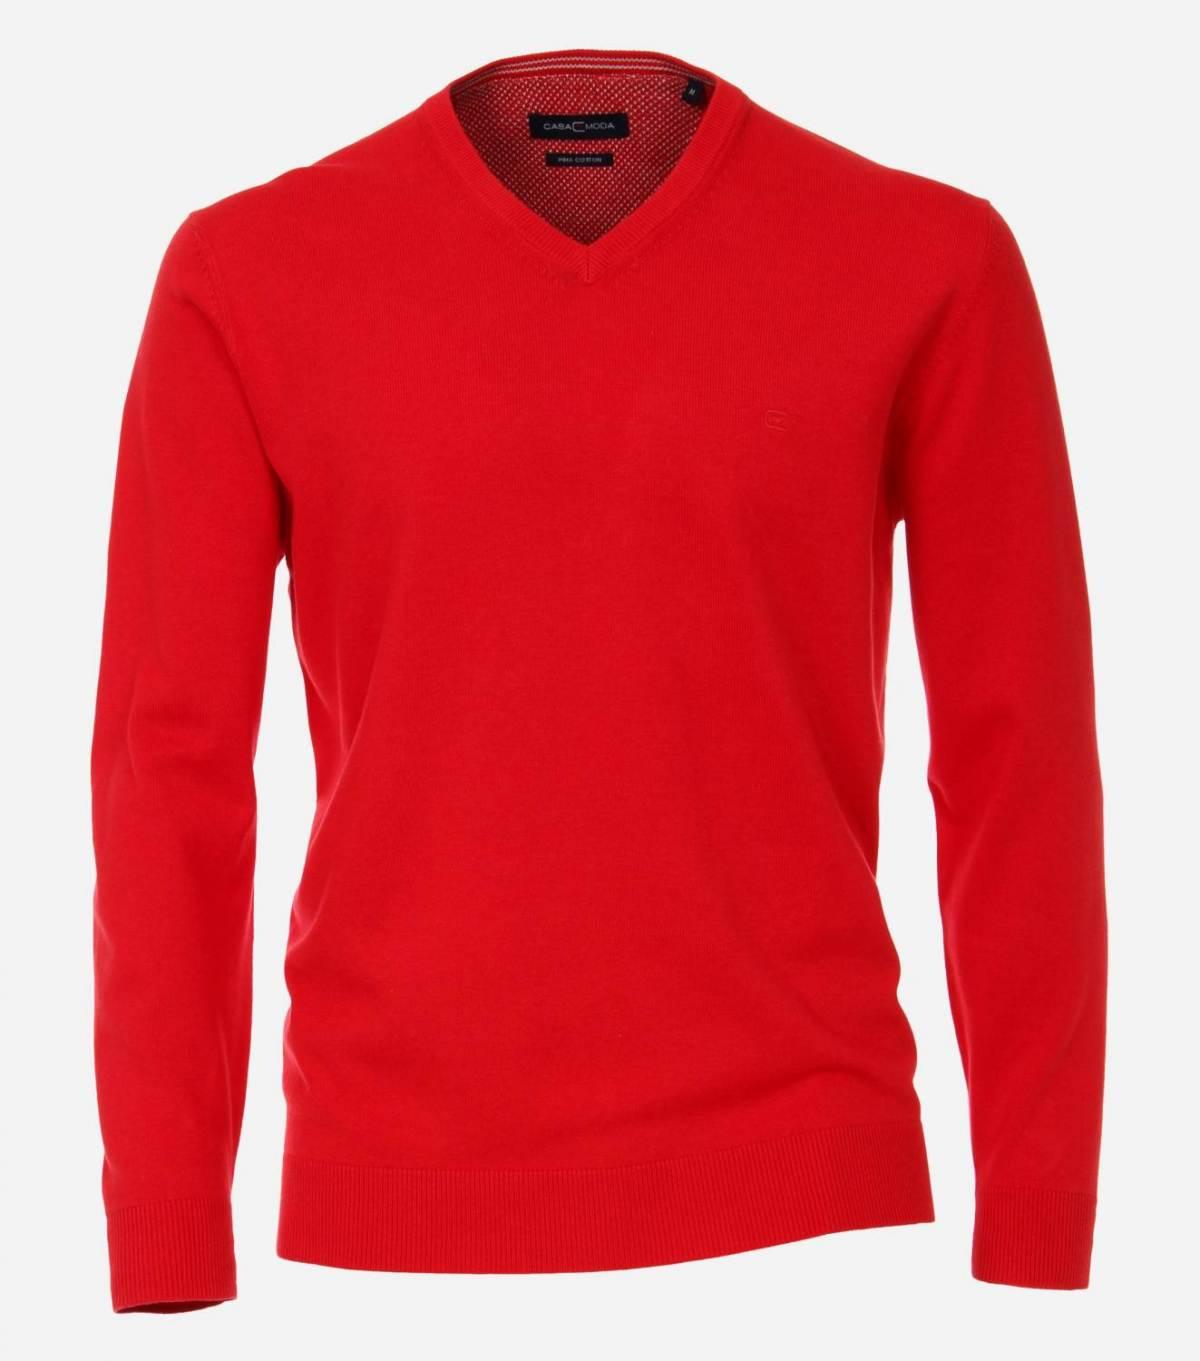 427 Red - - Con Murphys Menswear